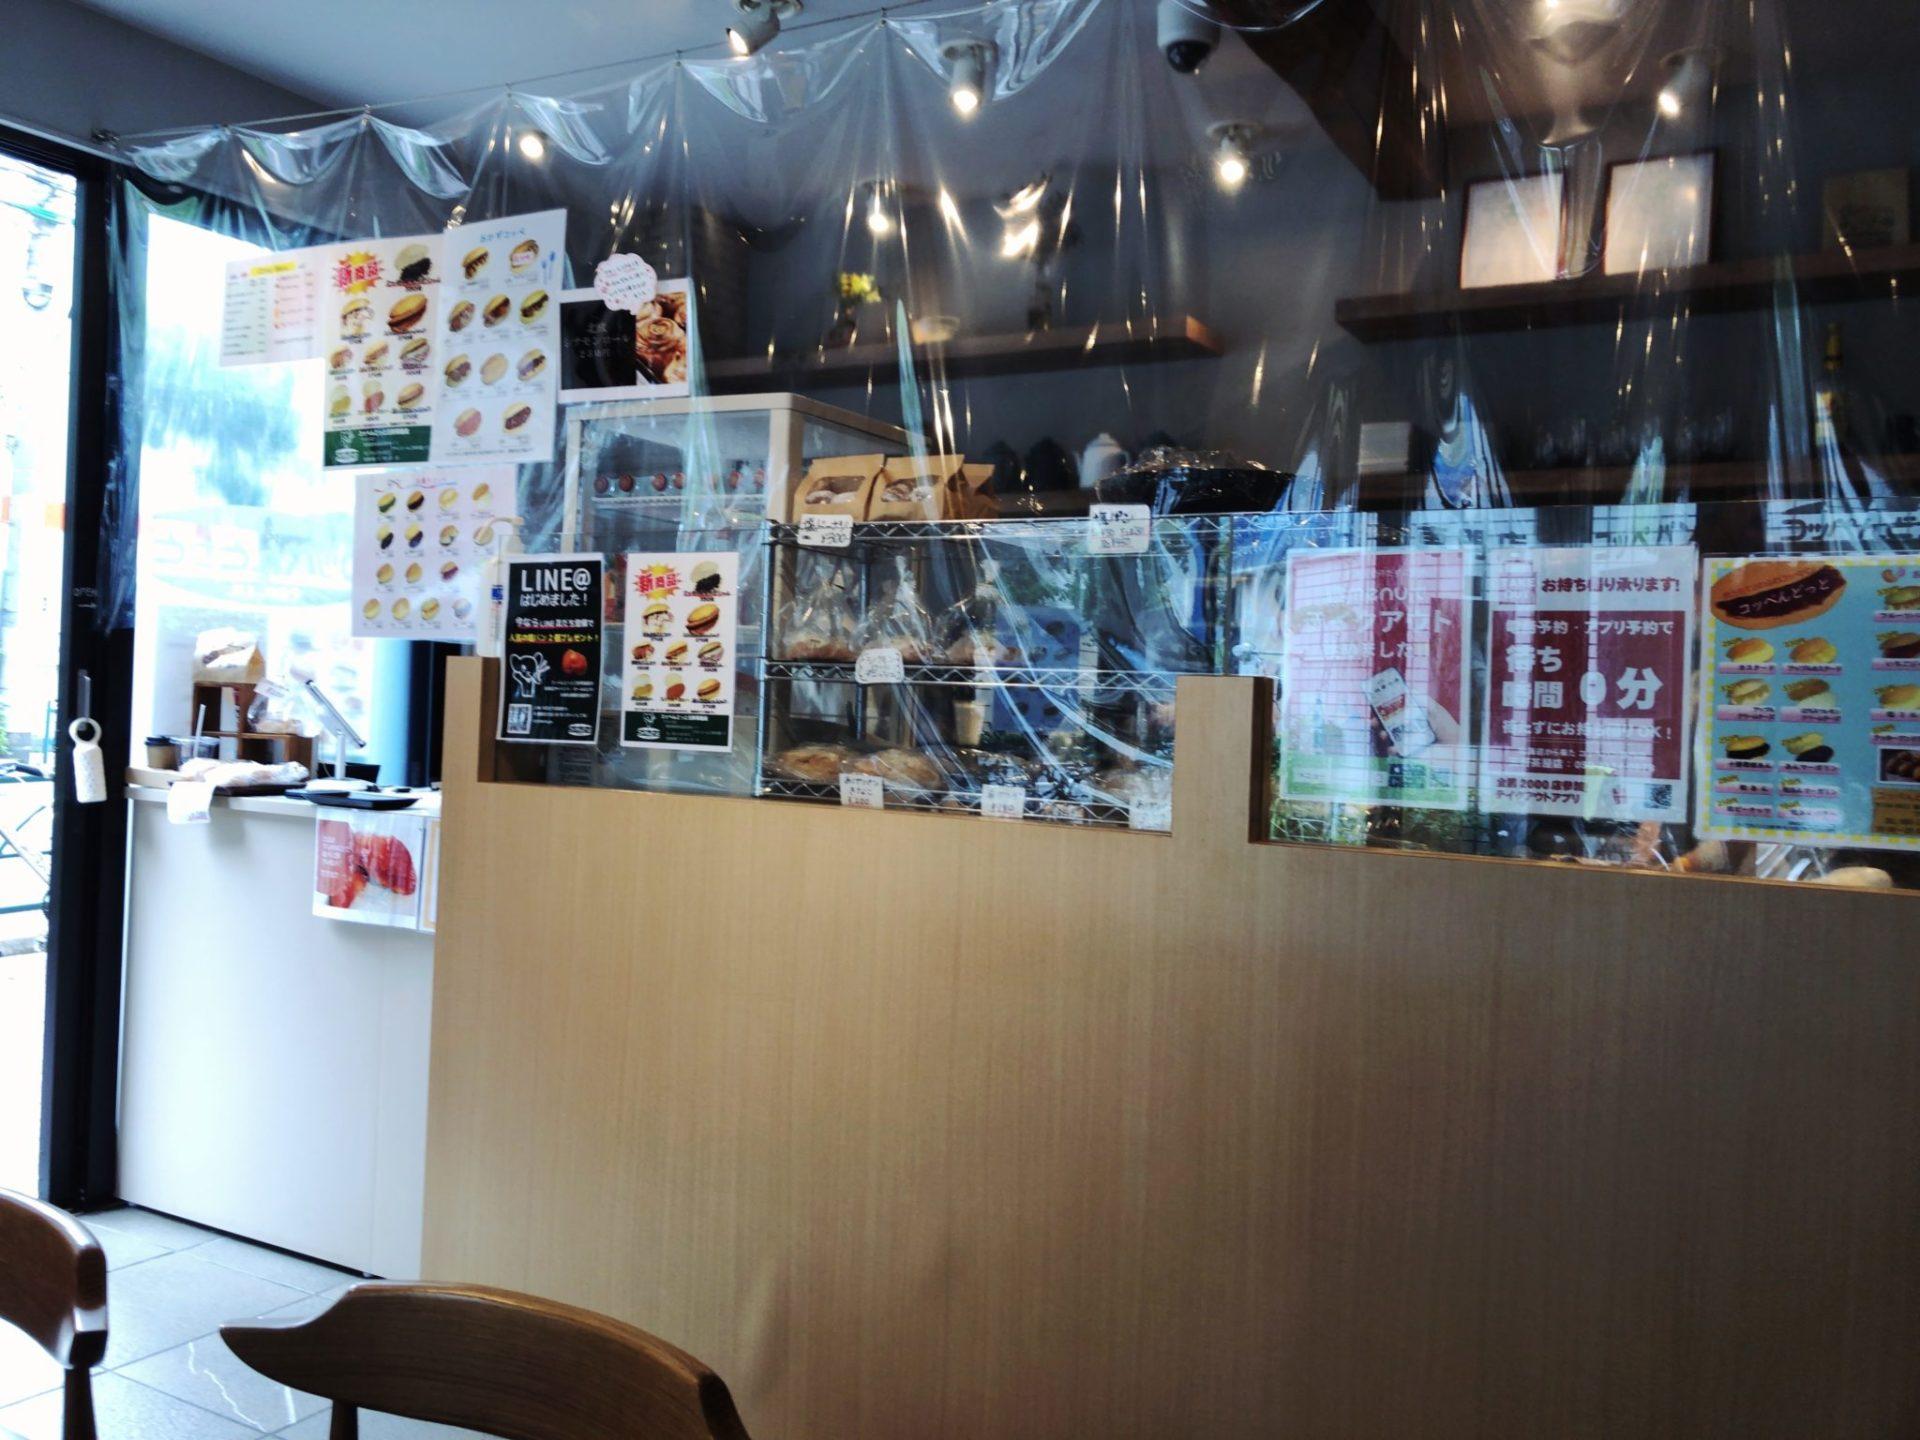 コッペんどっと 三軒茶屋店の店内の様子